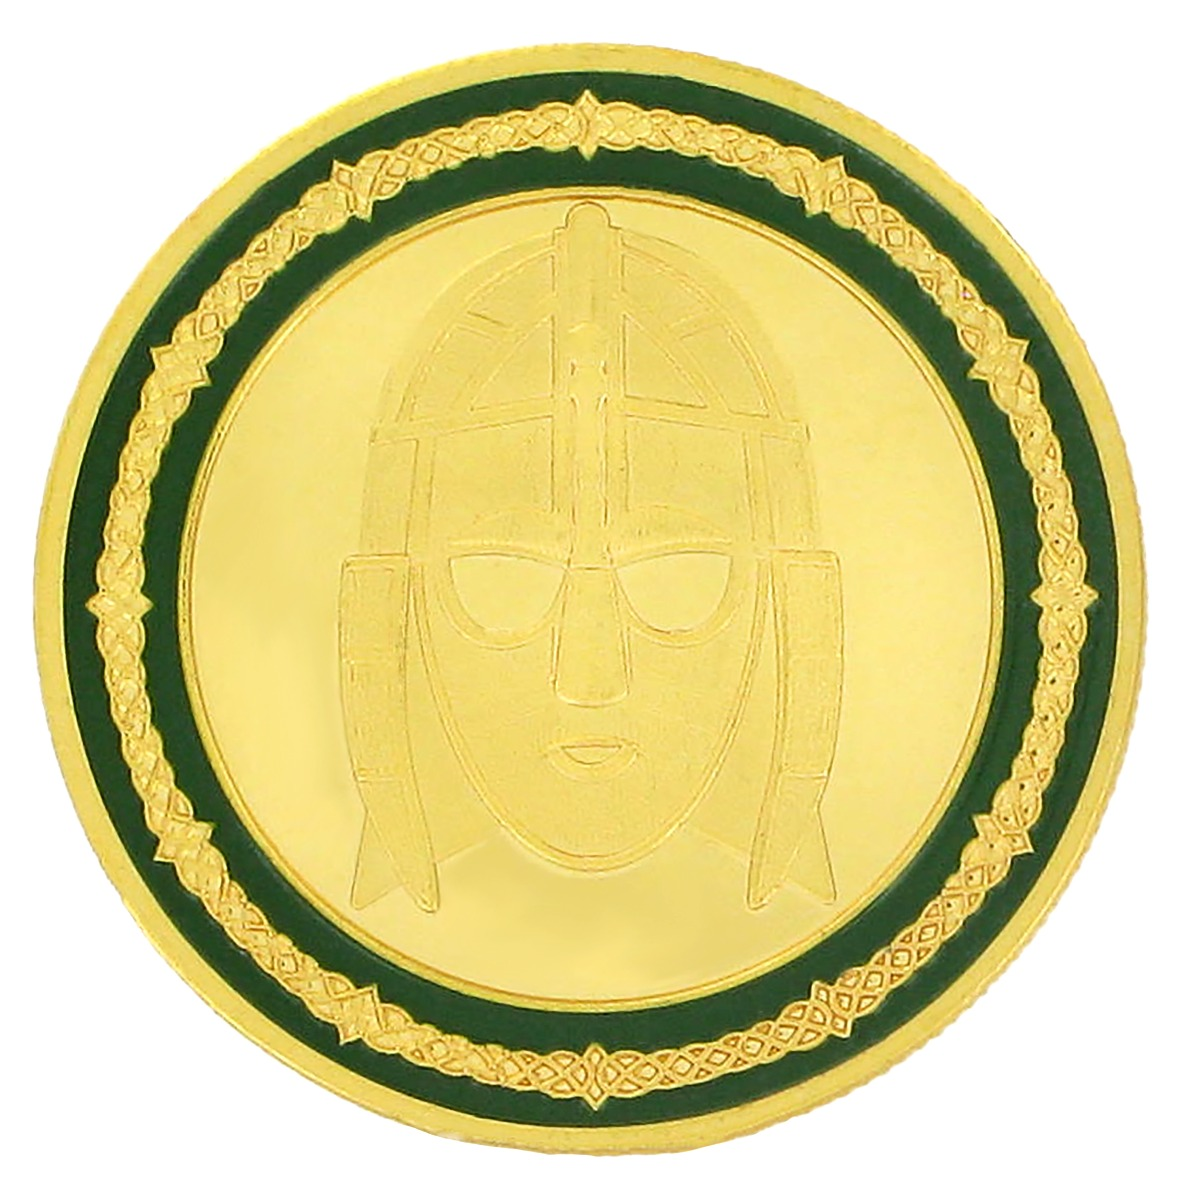 Sutton Hoo souvenir coin